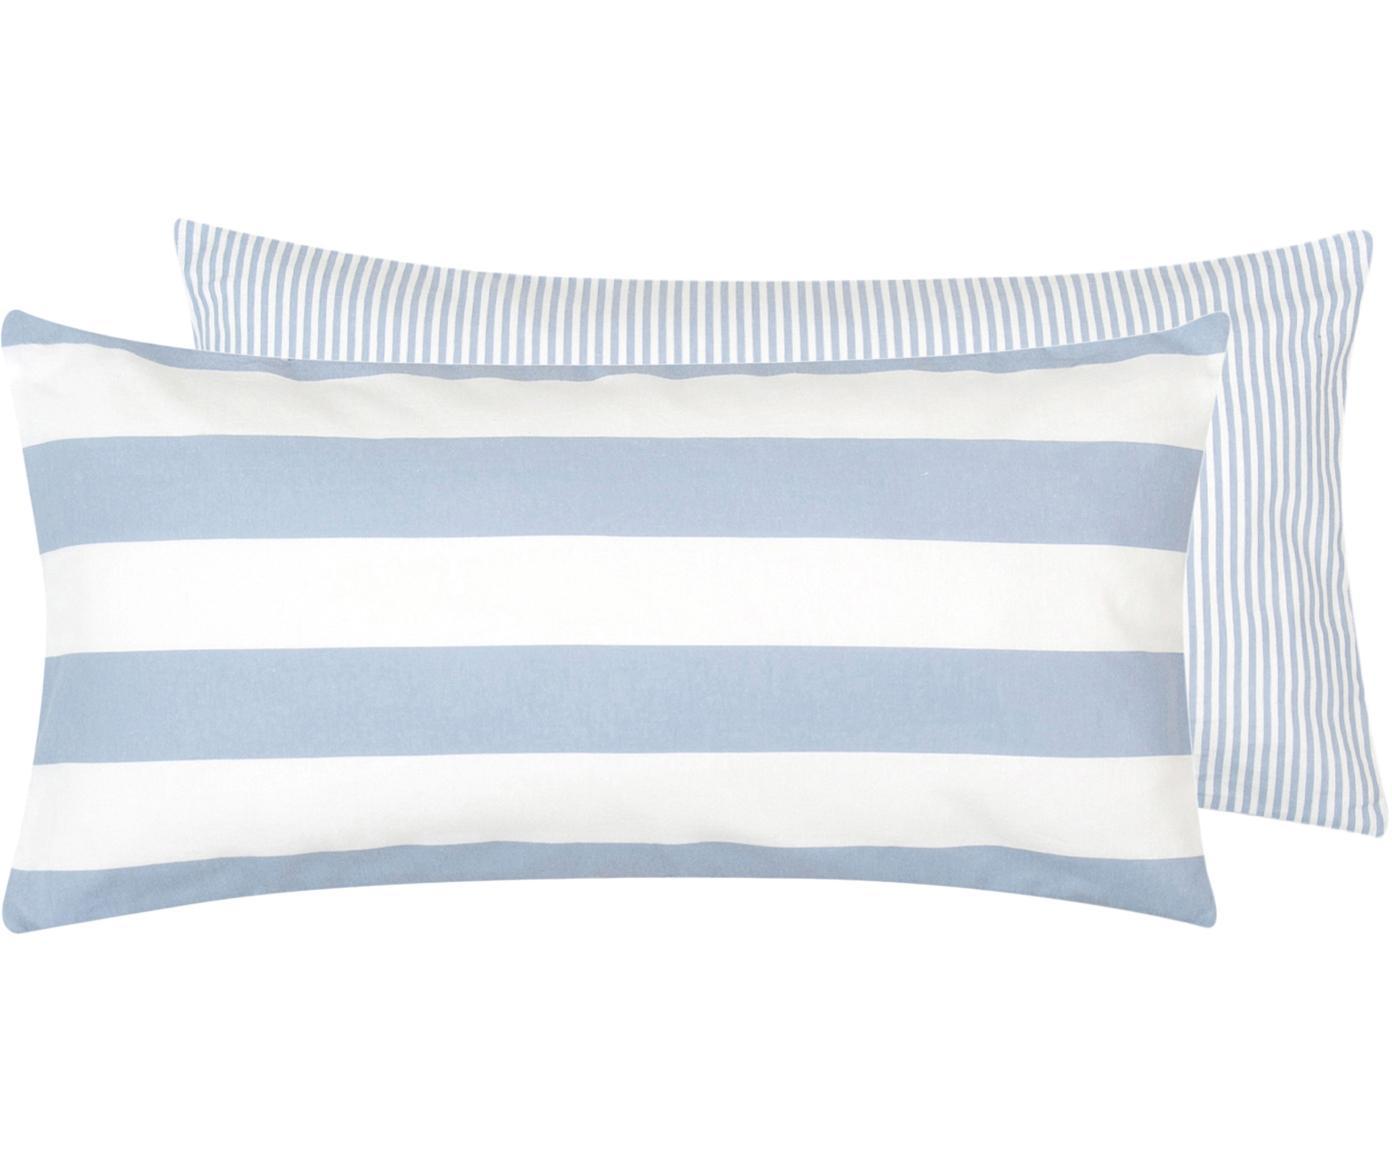 Dwustronna poszewka na poduszkę z cienkiej flaneli Tyler, 2 szt., Biały, jasny niebieski, S 40 x D 80 cm